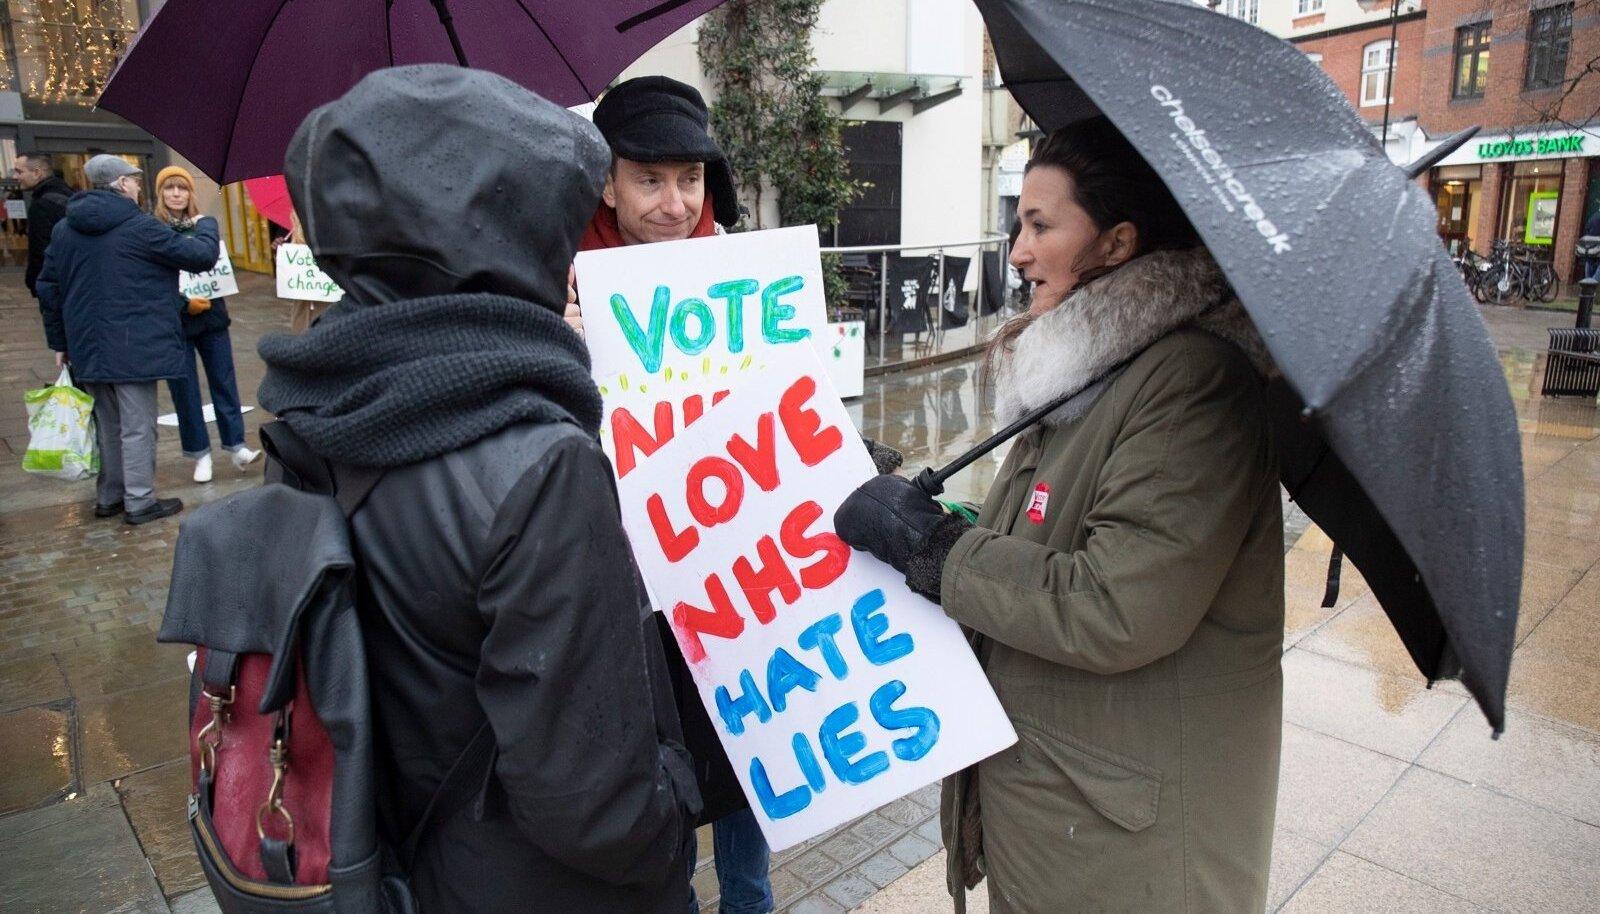 Briti valimispäev keerles ümber Boris Johnsoni isiku